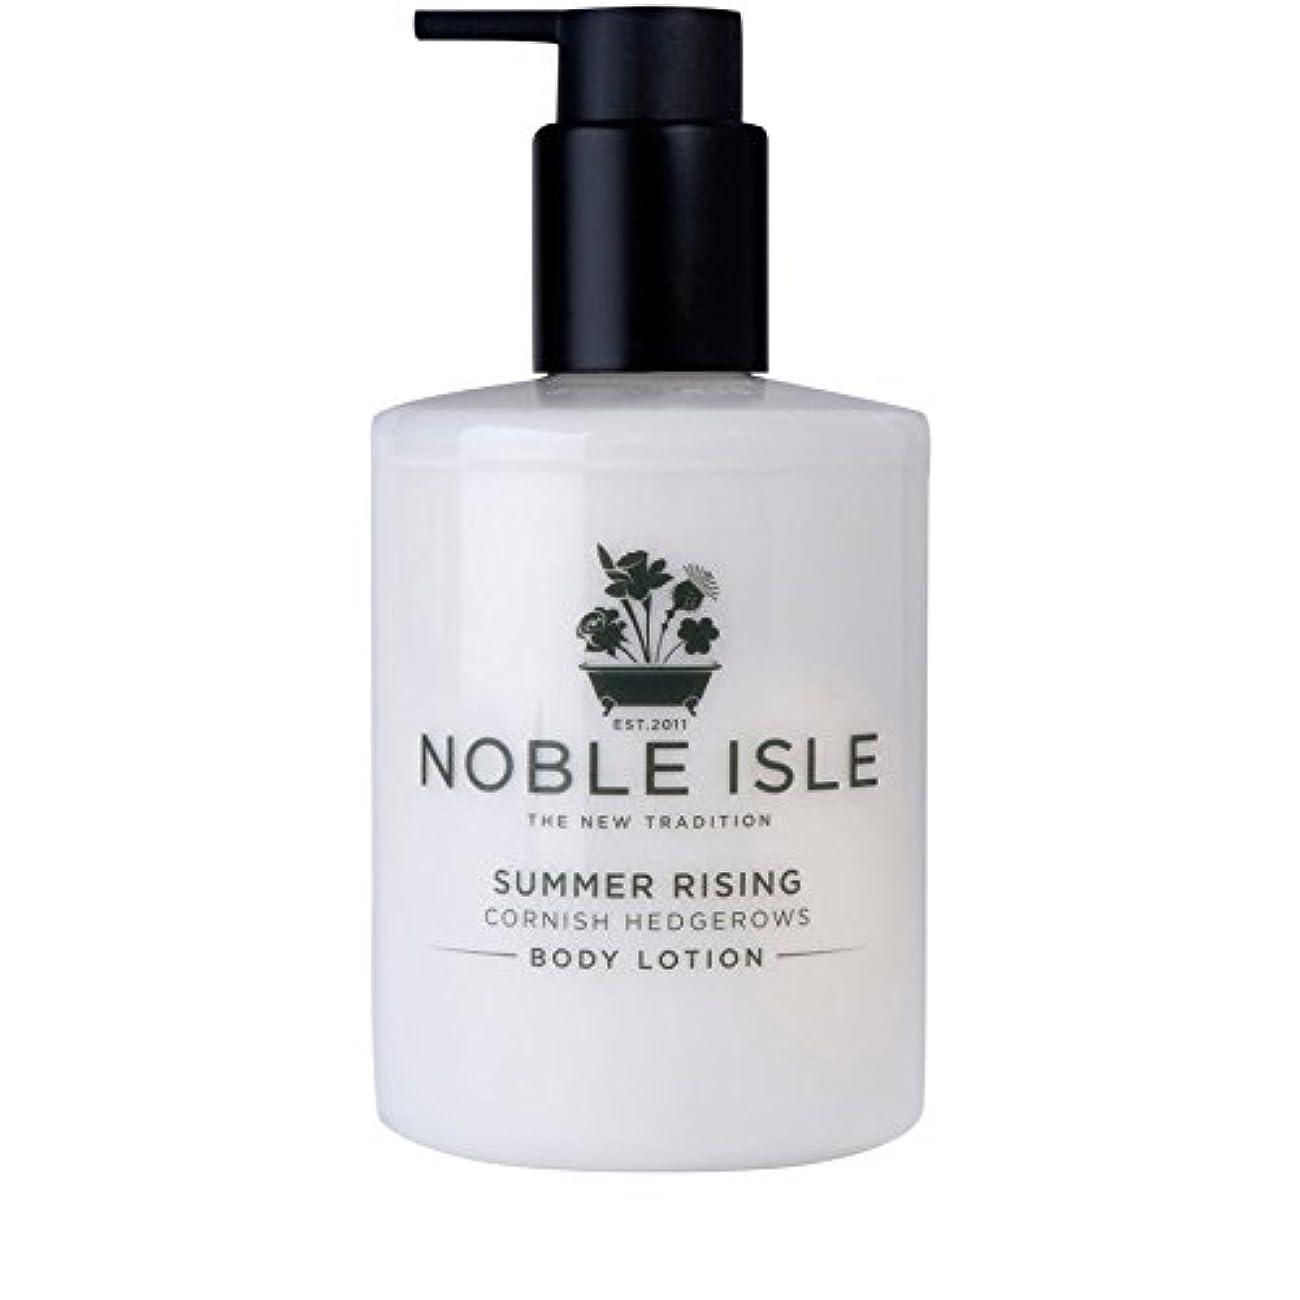 故障スペースゆりNoble Isle Summer Rising Cornish Hedgerows Body Lotion 250ml - コーニッシュ生け垣ボディローション250ミリリットルを上昇高貴な島の夏 [並行輸入品]